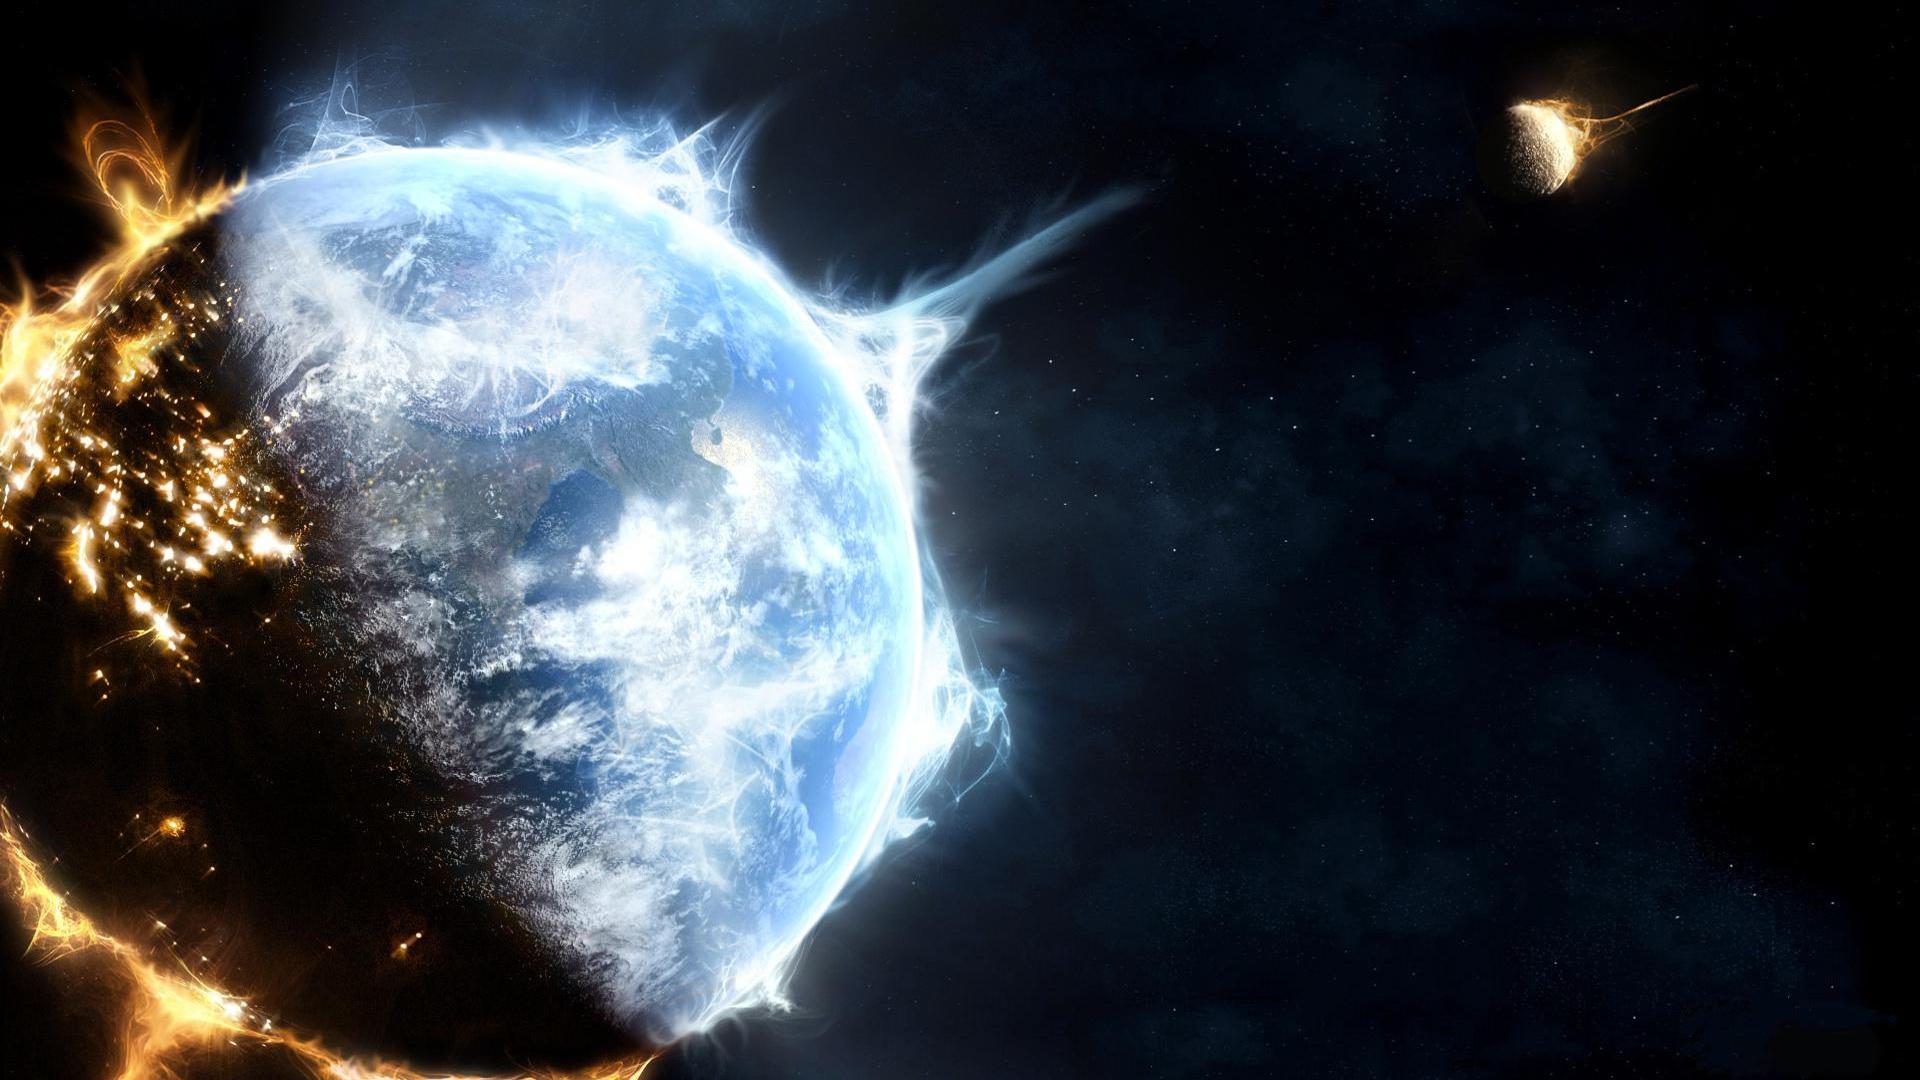 http://1.bp.blogspot.com/-gHnXdVBYsOo/UNMwobGA99I/AAAAAAAALPI/c9aEZ7NpiJQ/s1920/apocalypse_now-1080.jpg